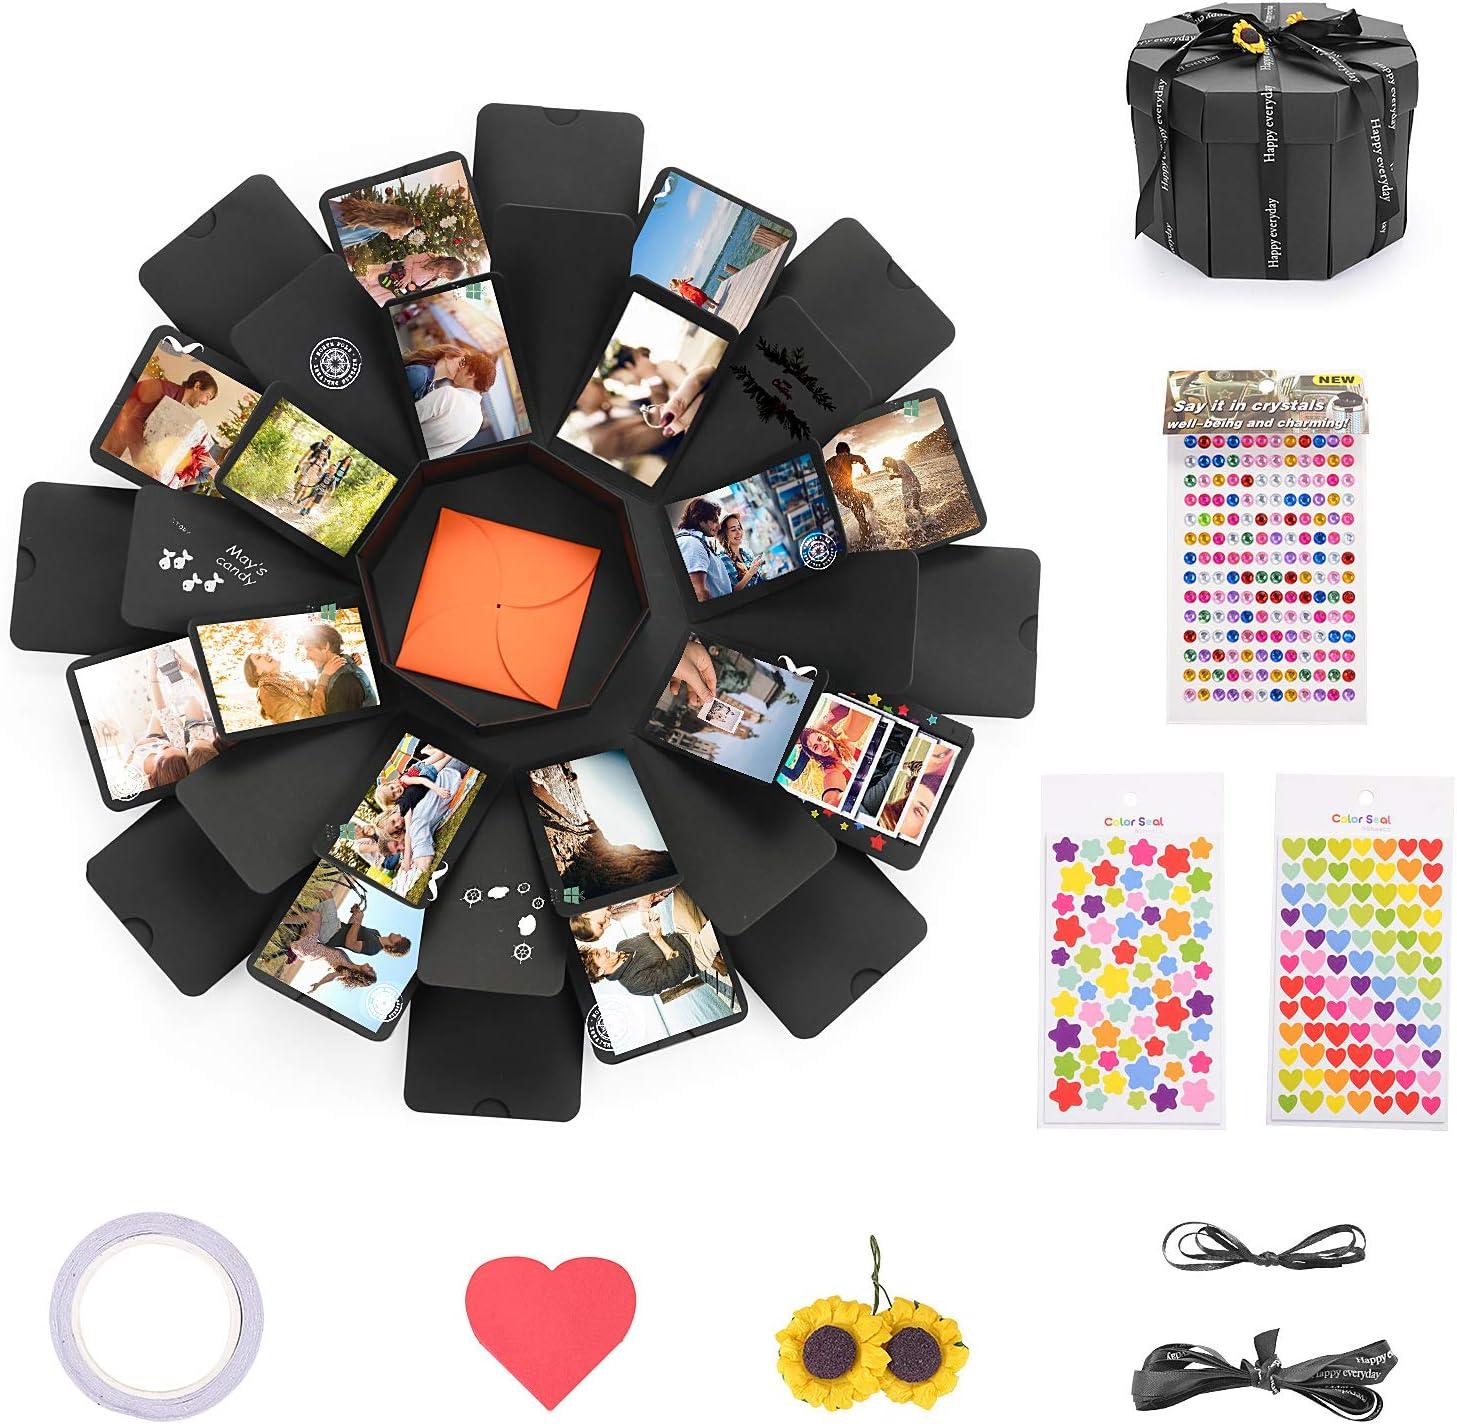 KATELUO Explosion Box Scrapbook Creative DIY Photo Album,Caja de Regalo Creative Explosion,La Caja de Regalo con 6 Caras,Regalos de cumpleaños (Negro)